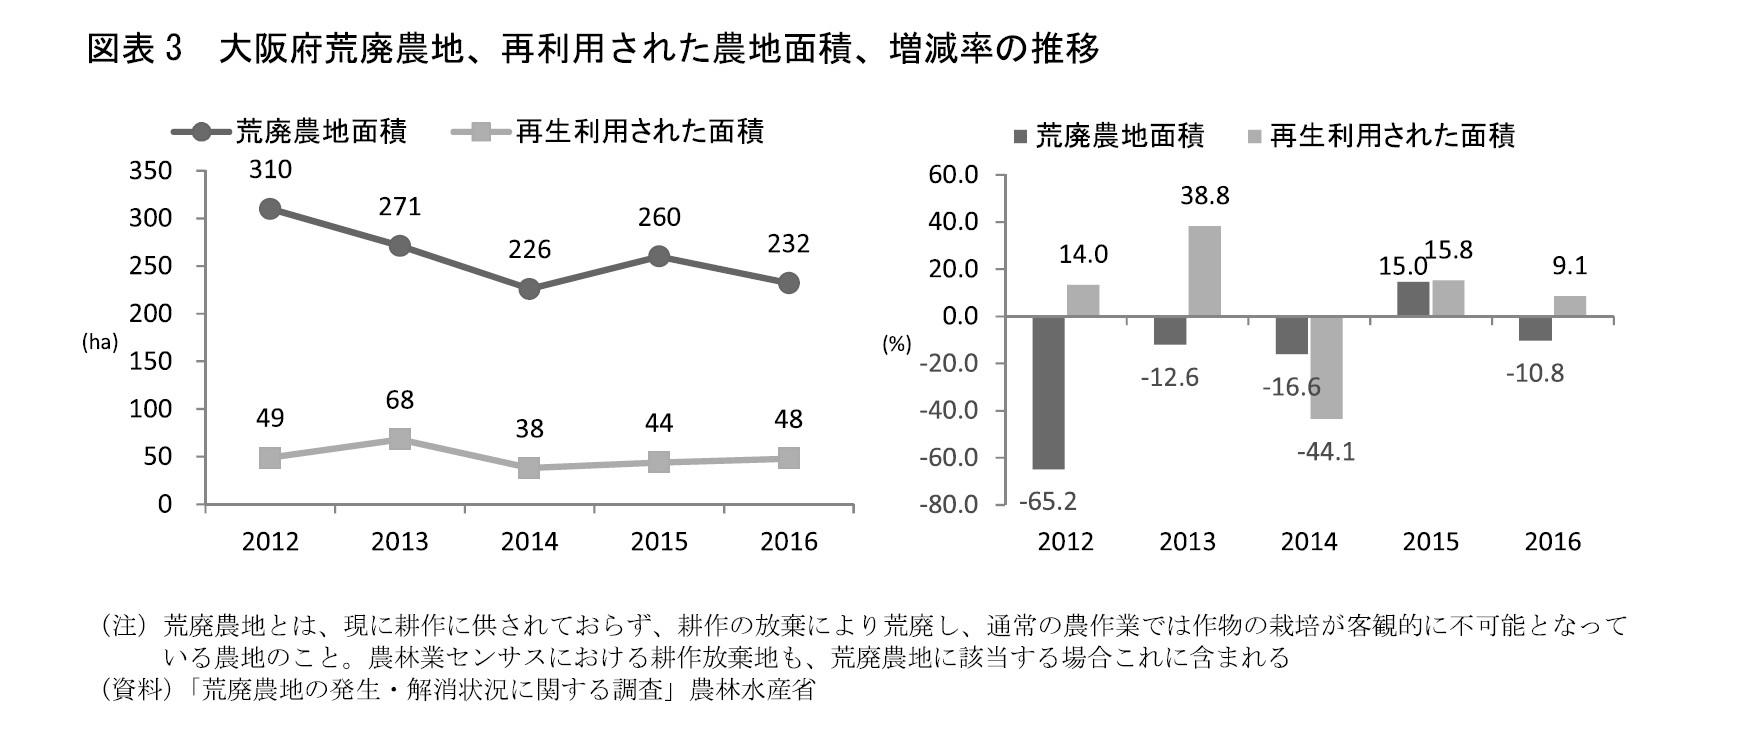 図表3 大阪府荒廃農地、再利用された農地面積、増減率の推移